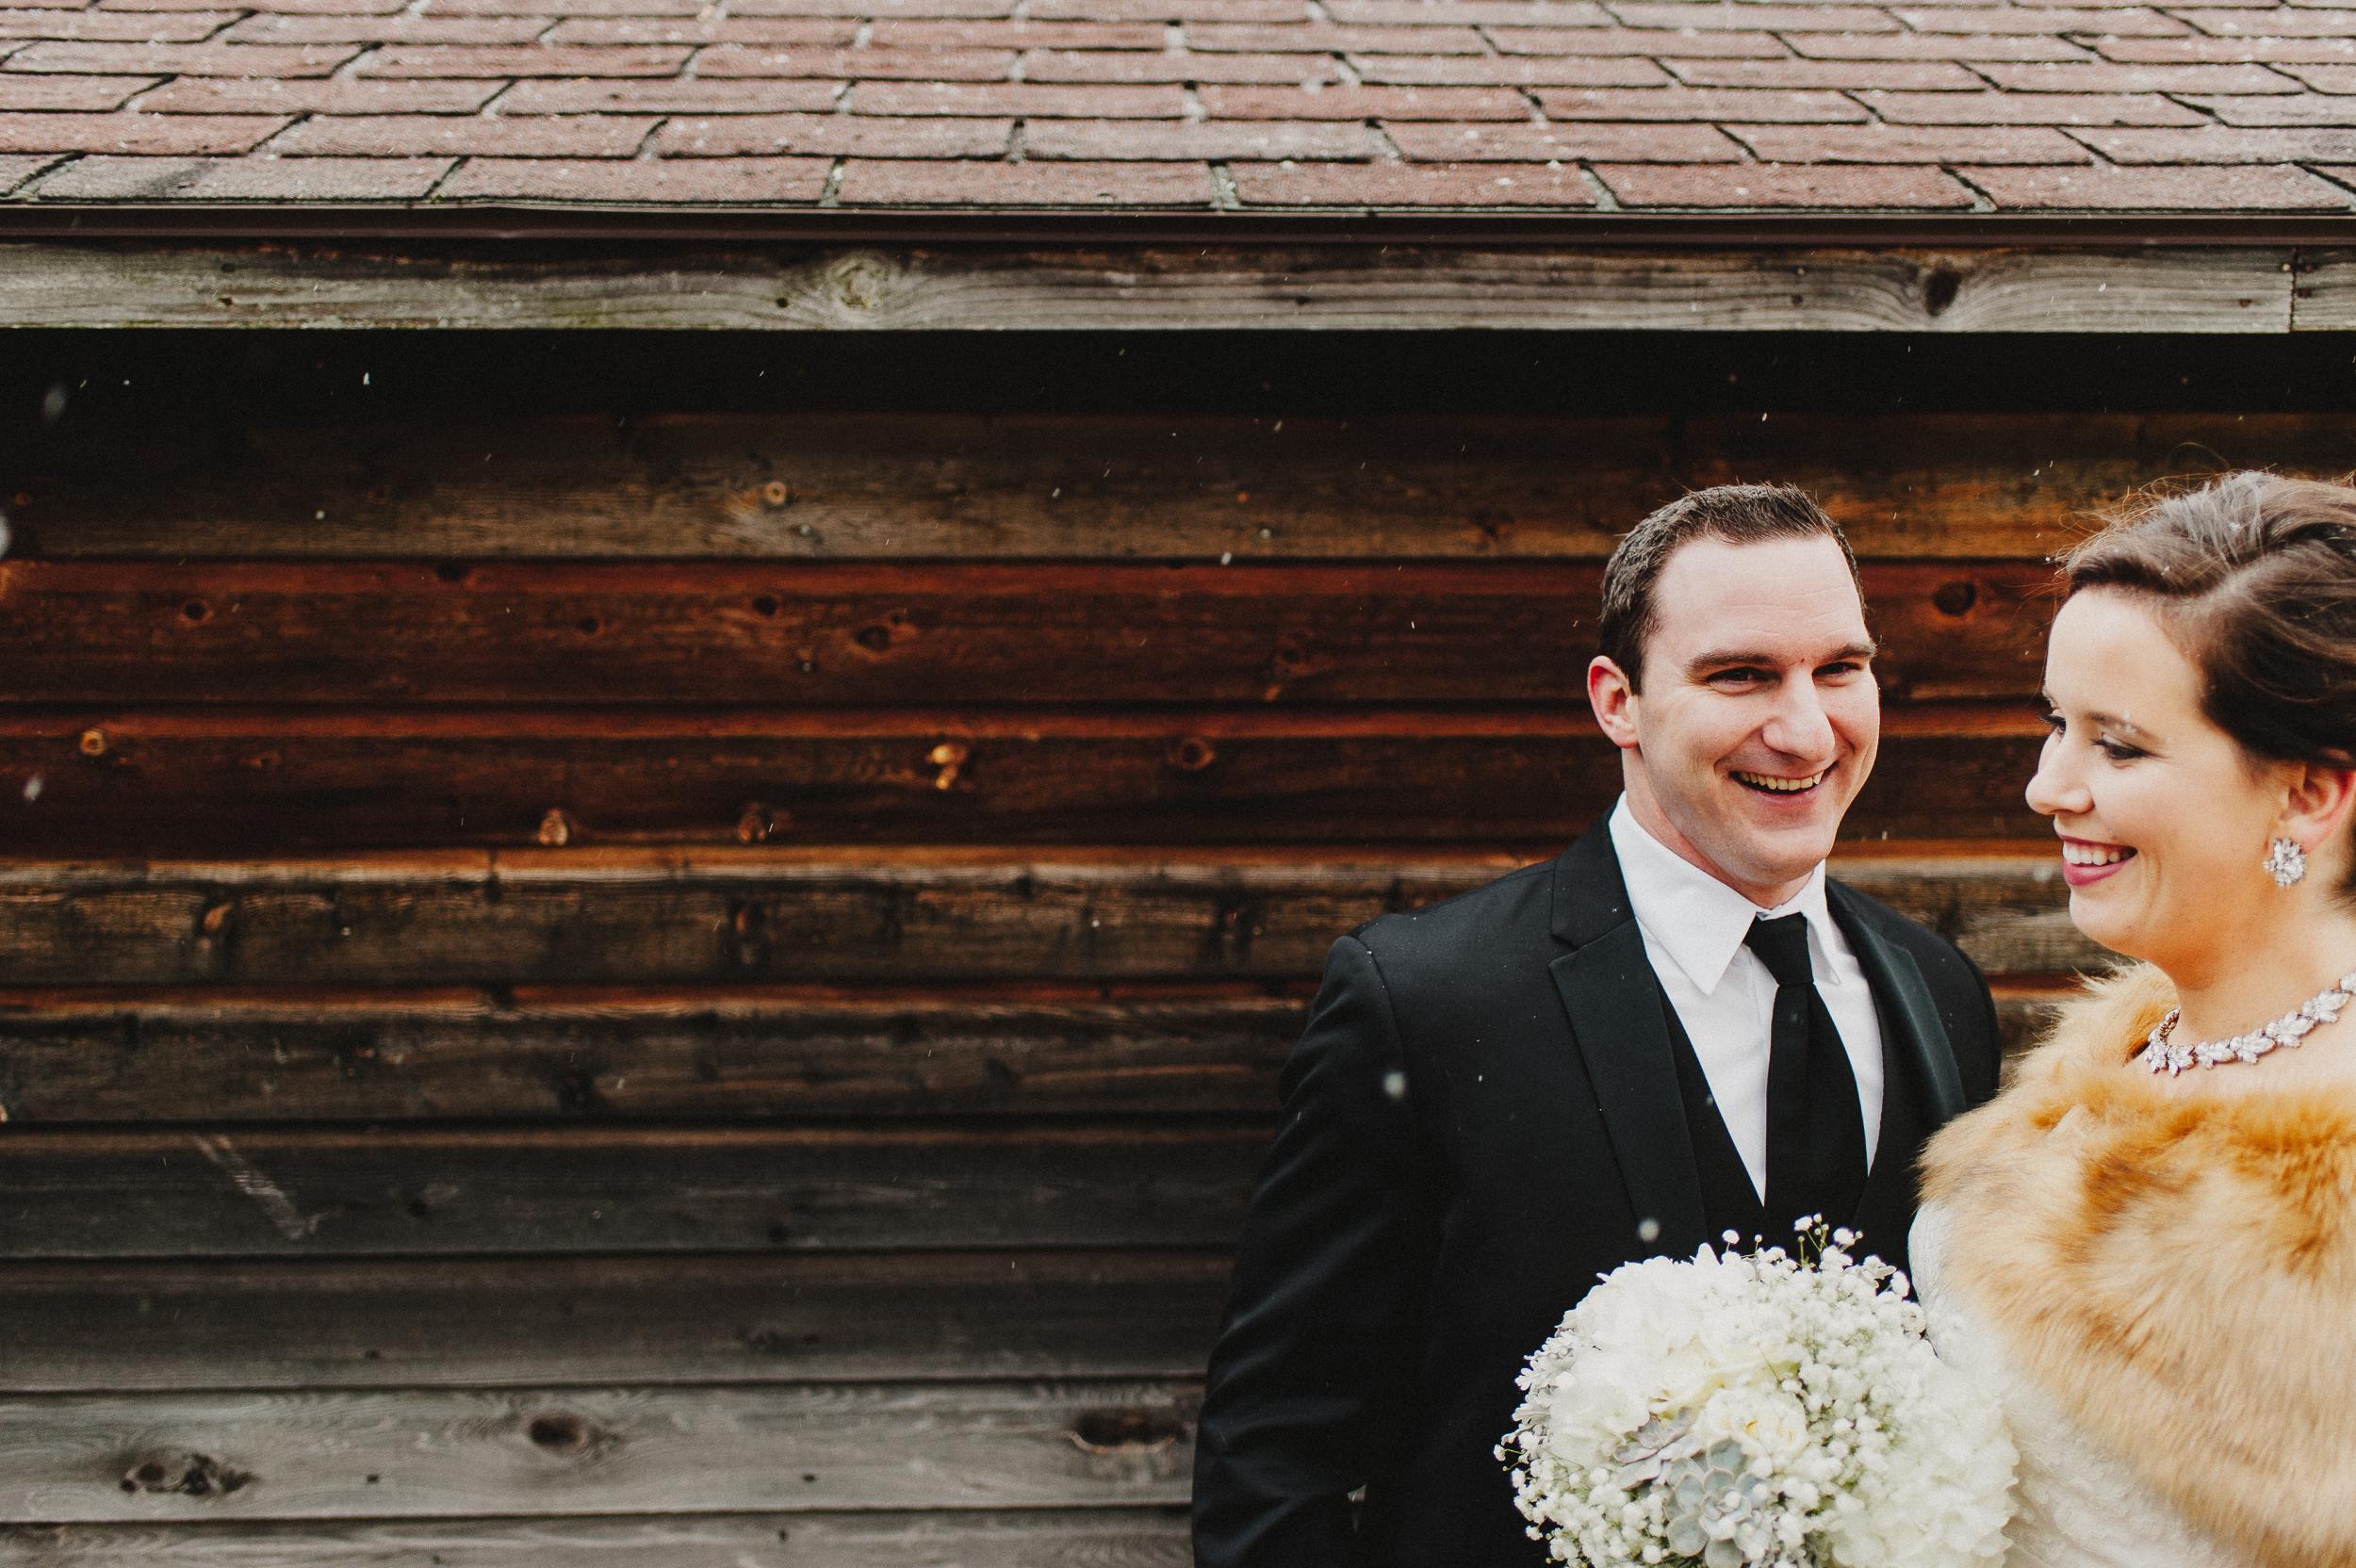 vermont-destination-wedding-photographer-27.jpg